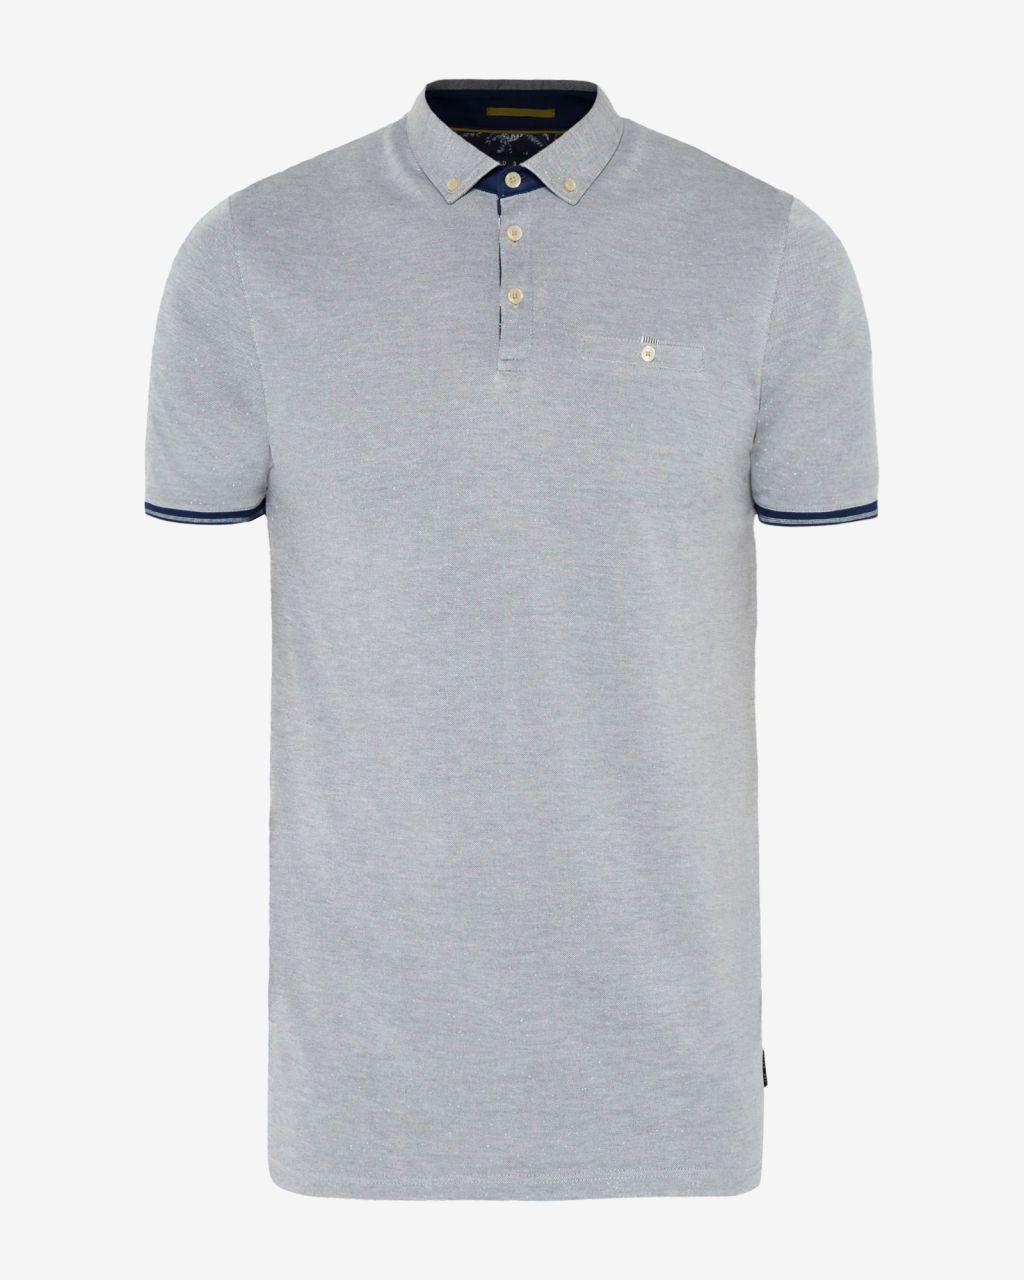 e3e14b5716 Woven polo shirt - Navy